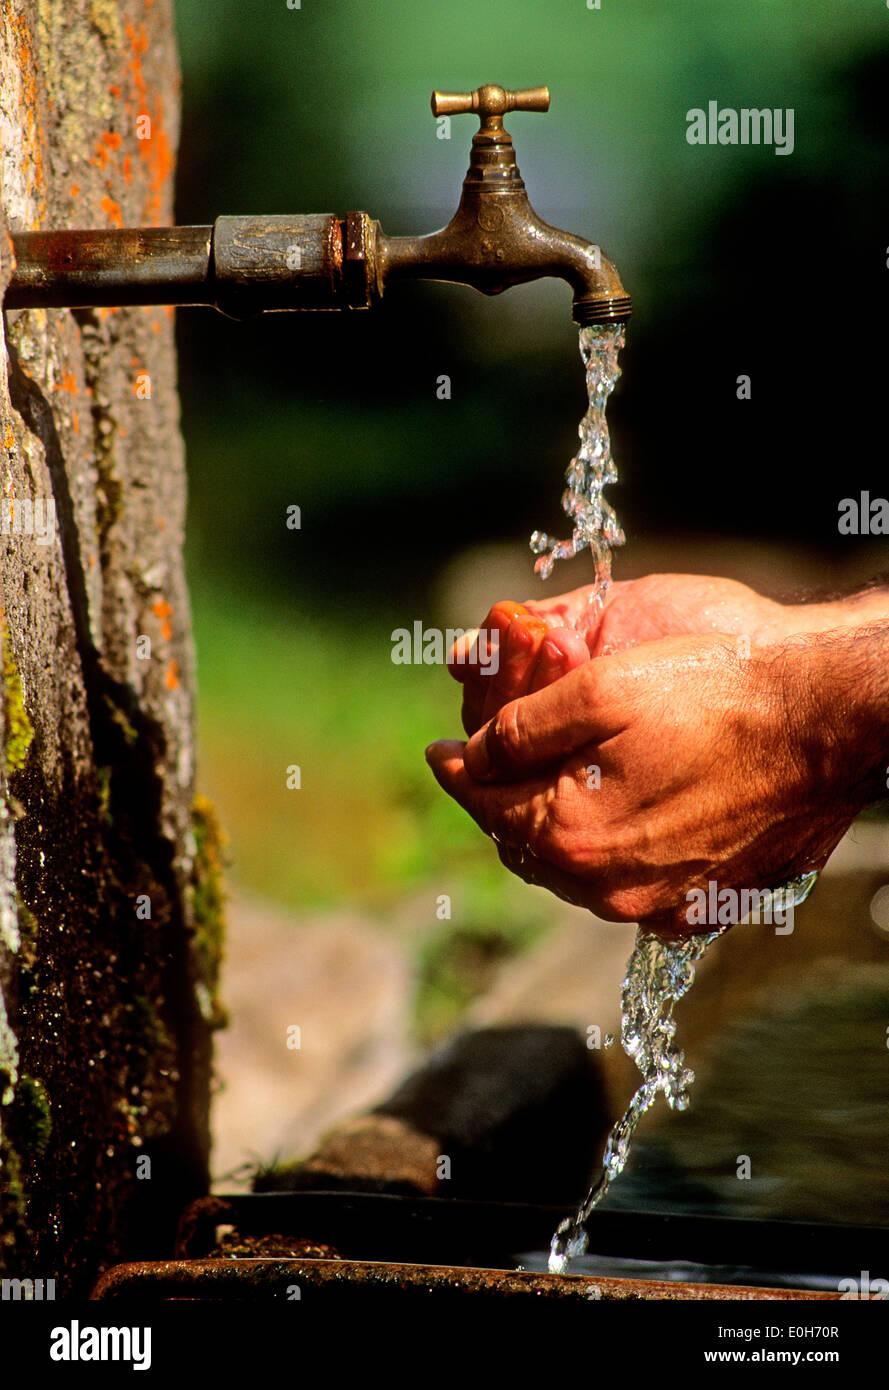 Se laver les mains à un robinet à l'extérieur dans le jardin Banque D'Images